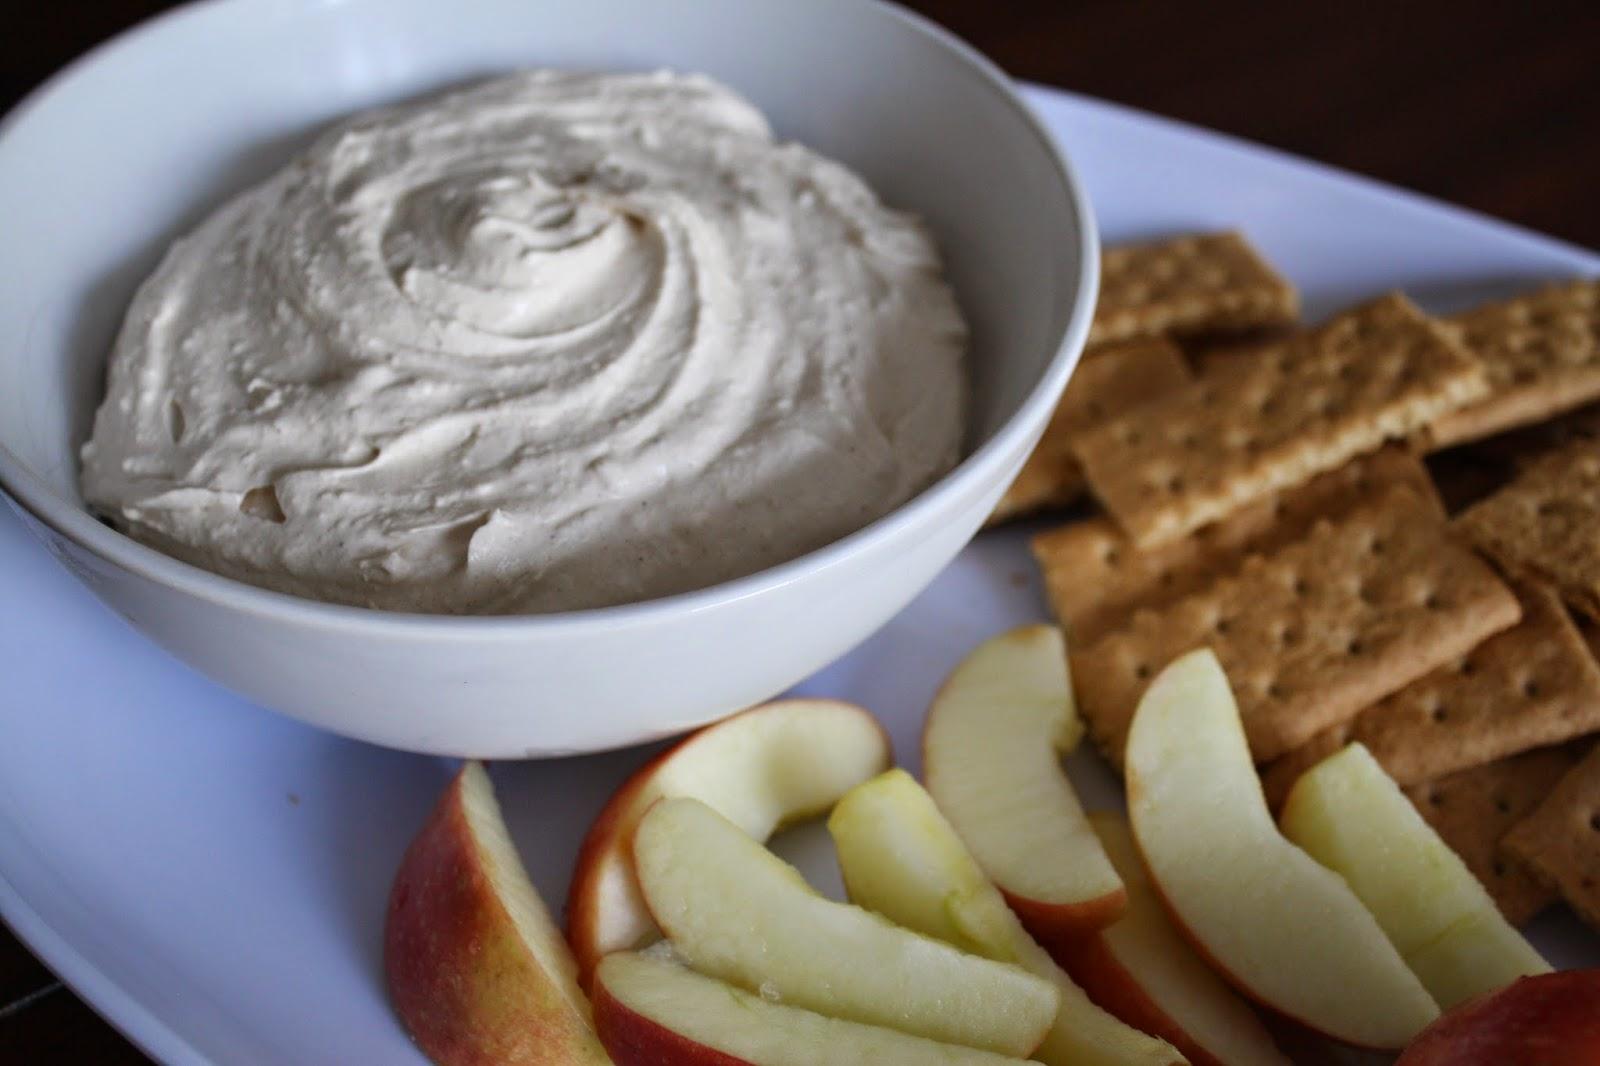 http://www.livealittlewilderblog.com/2014/10/sweet-autumn-dip-recipe.html